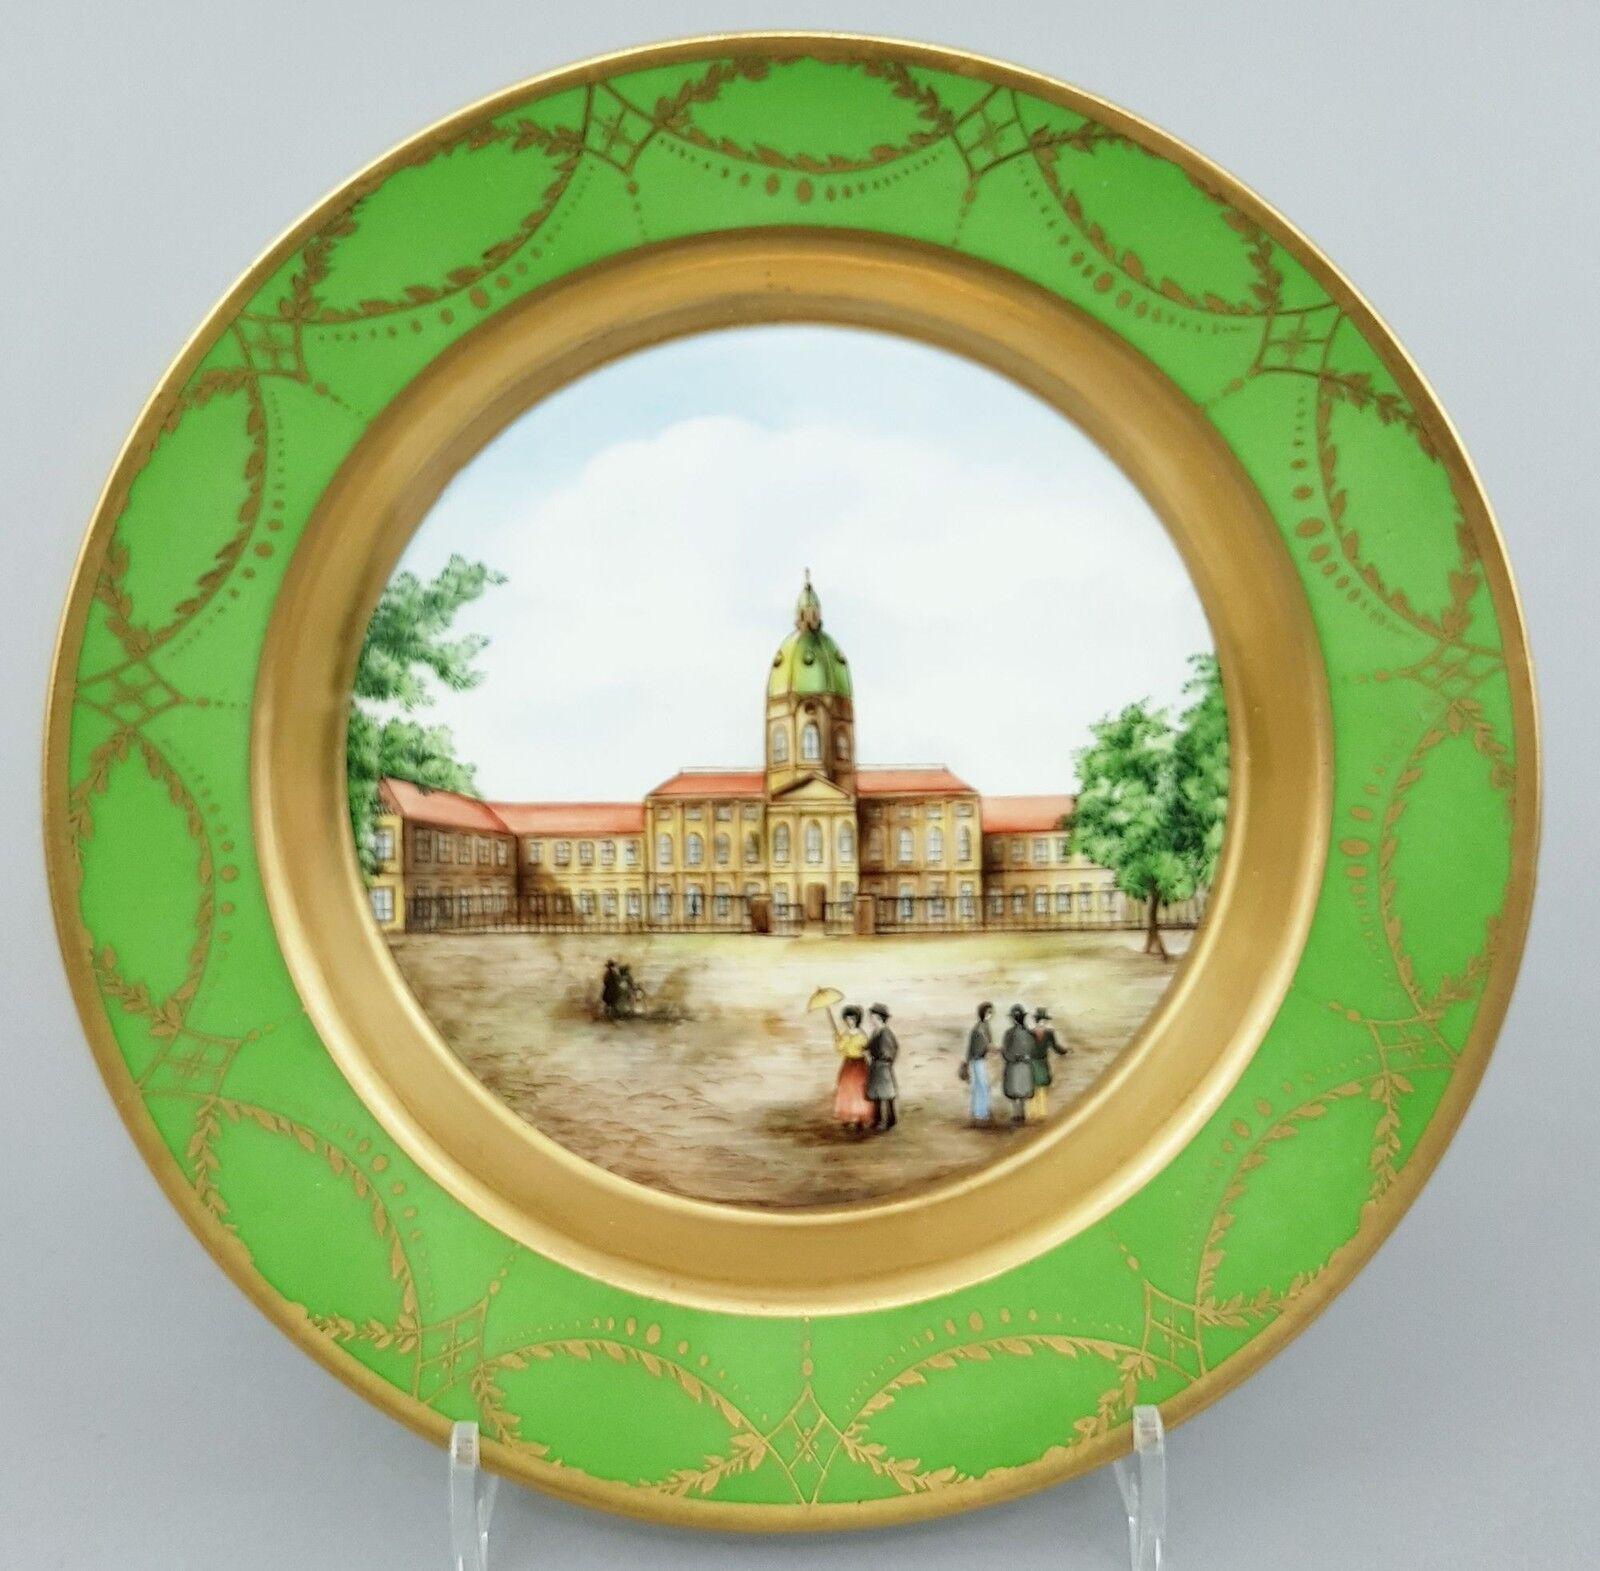 (k071) KPM vues assiette, Charlottenburger chateau Berlin, D = 17,5 CM, 1. choix